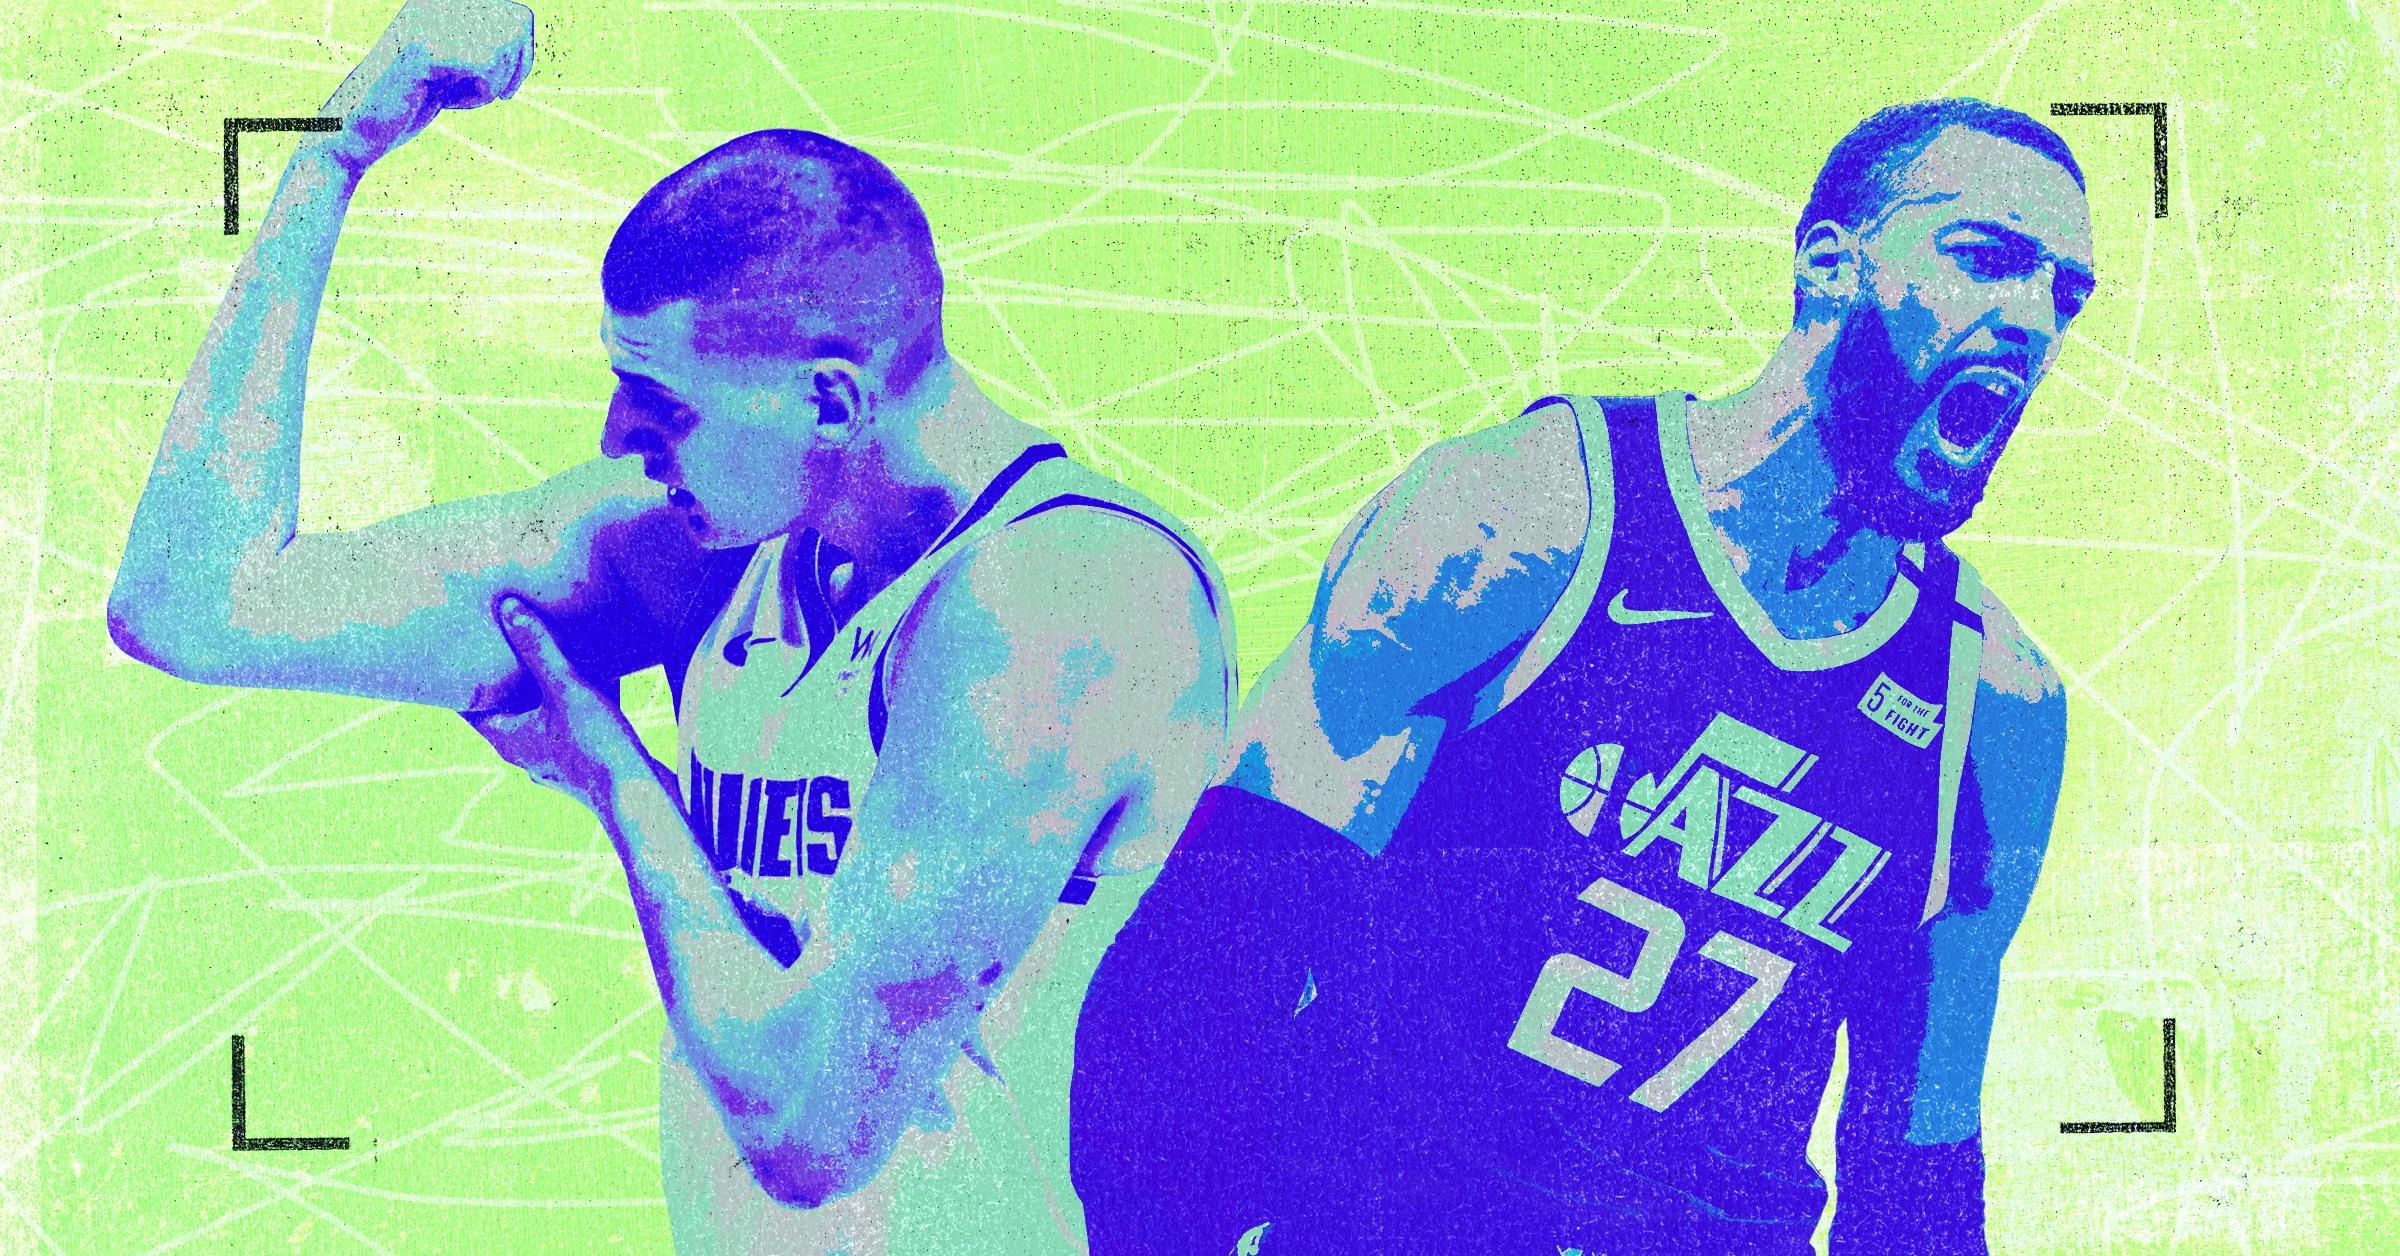 NBA End-of-Season Awards: Predictions and Top Shot Analysis